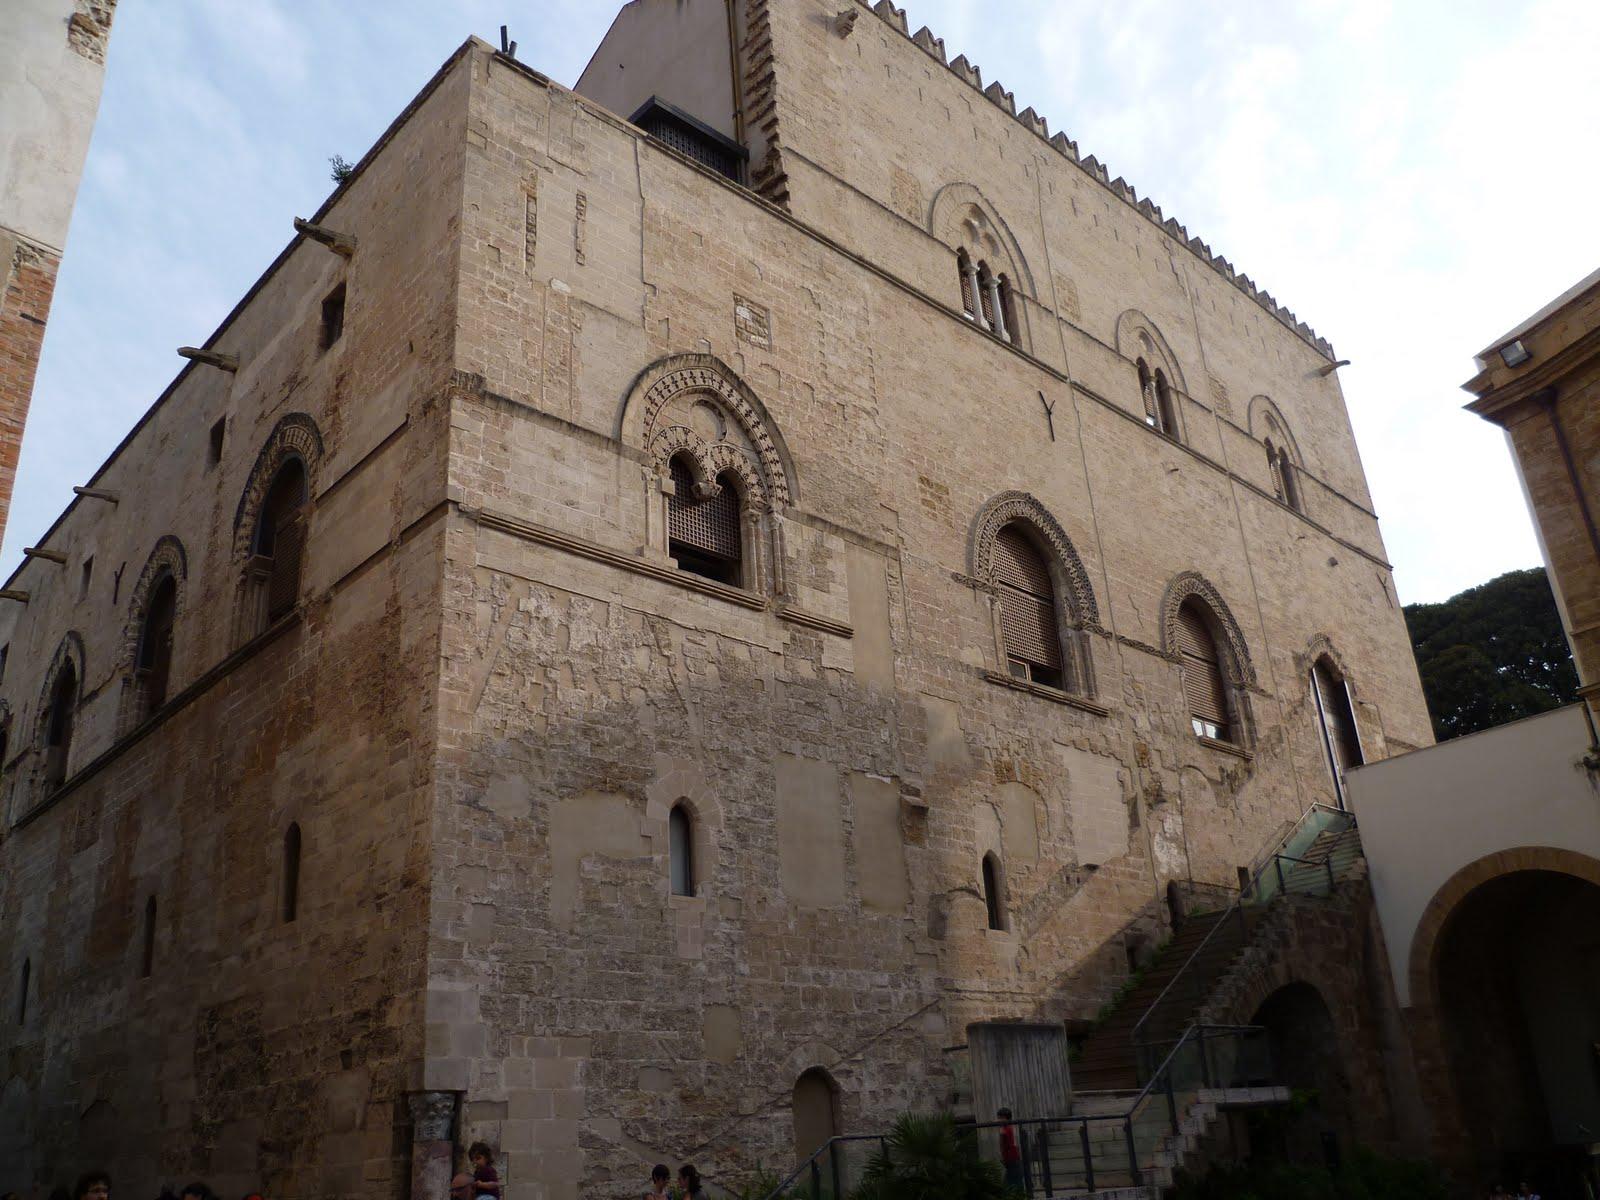 Ufficio Collocamento A Palermo : Università di palermo: ferro e micari candidati allufficio di